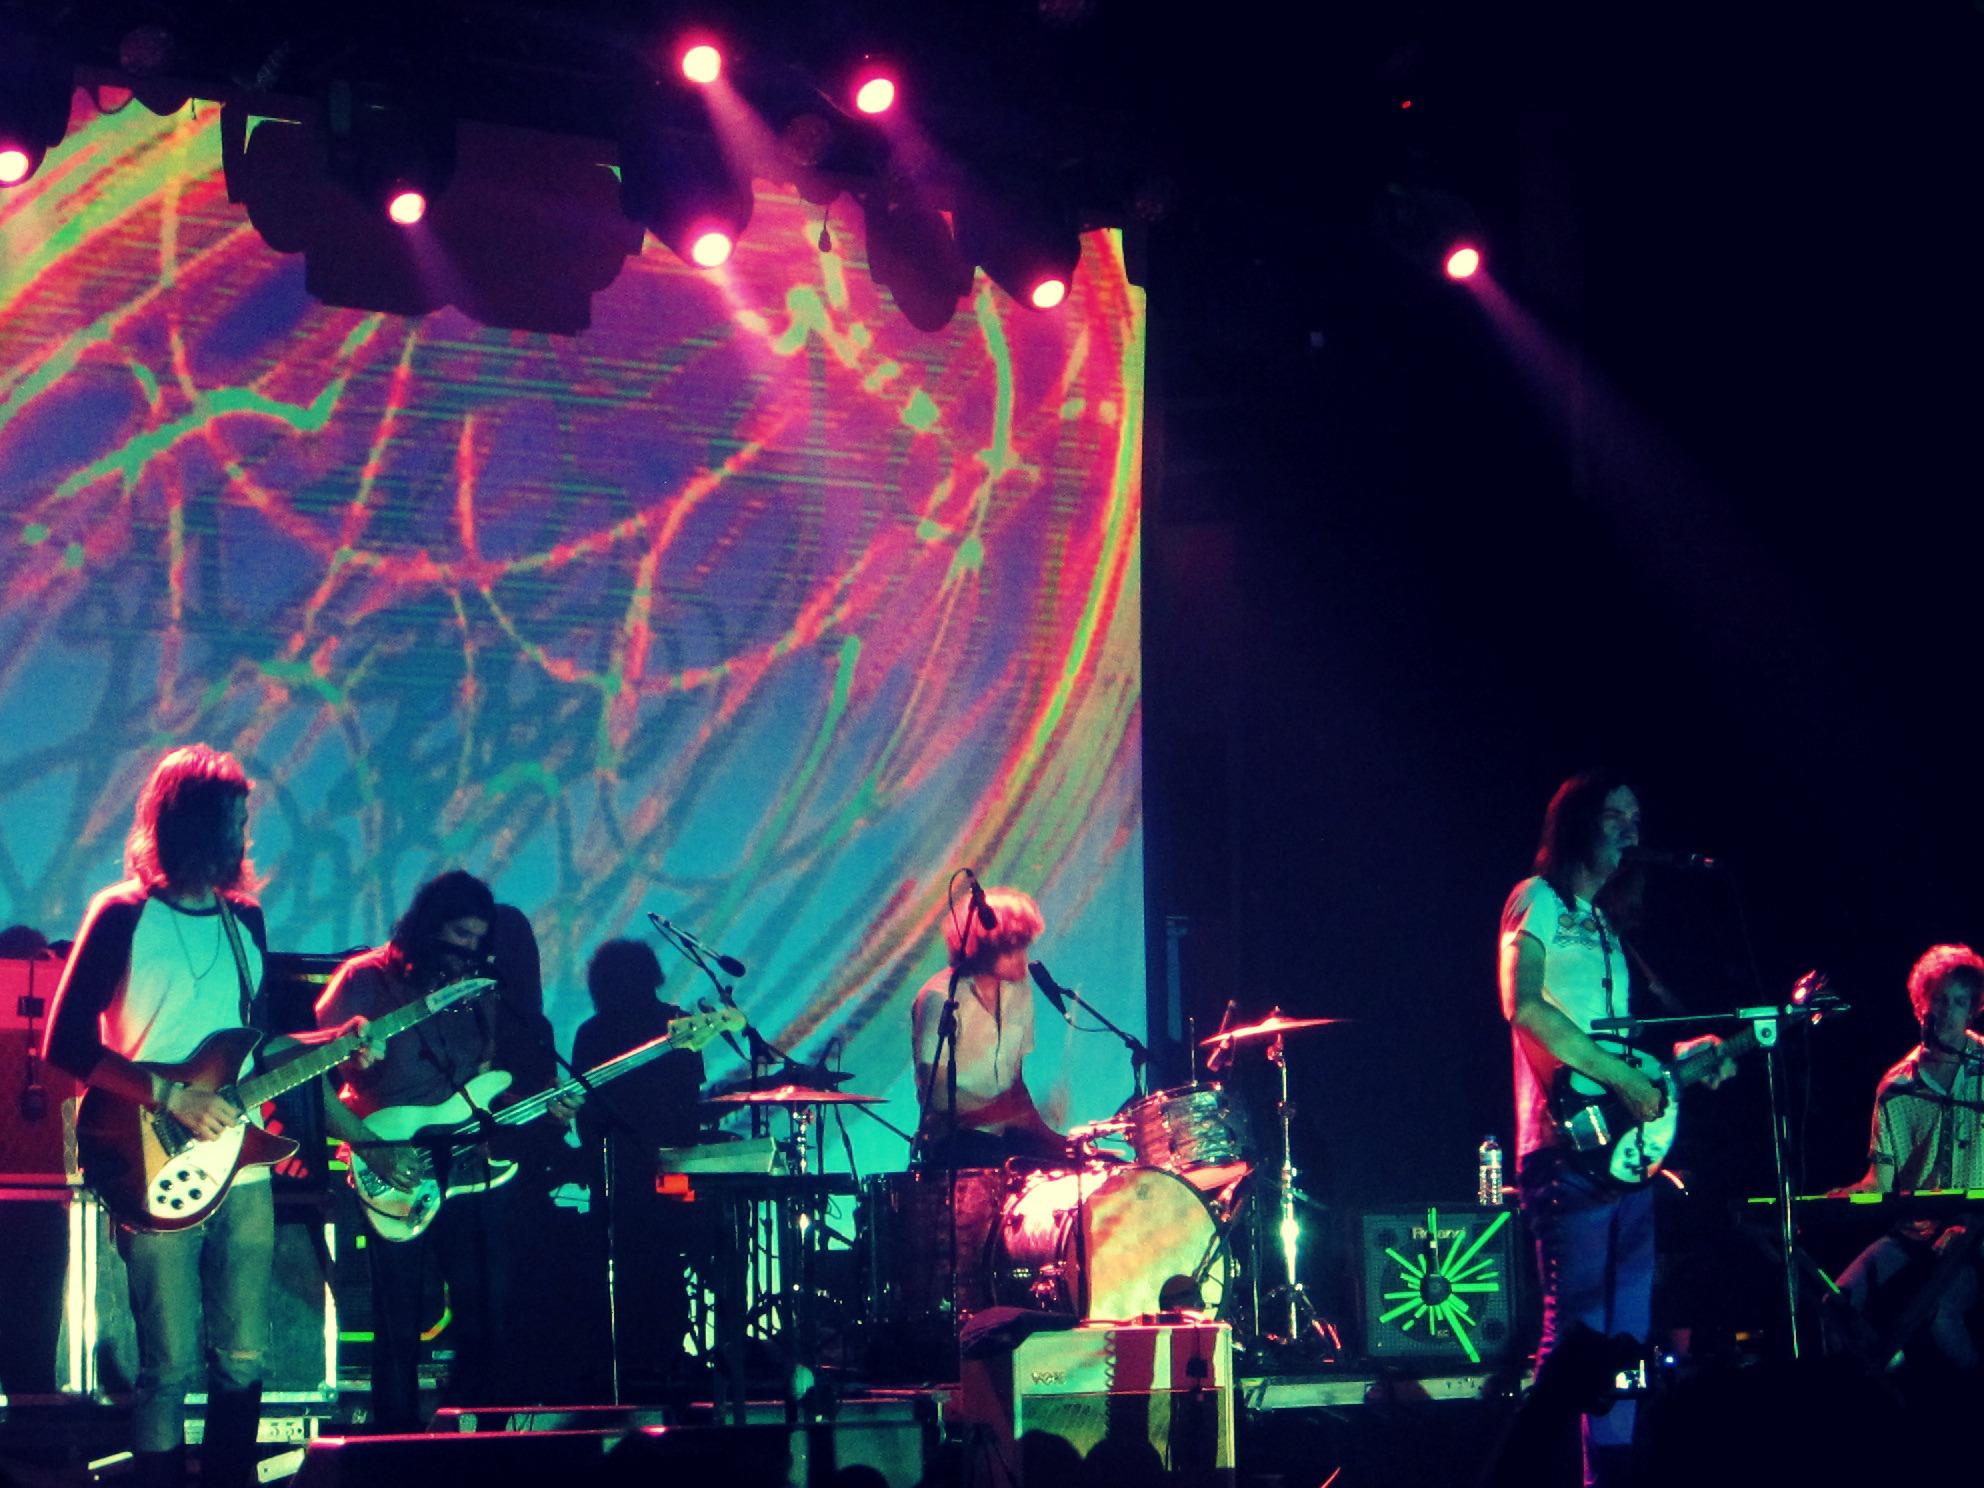 Tame impala tour dates